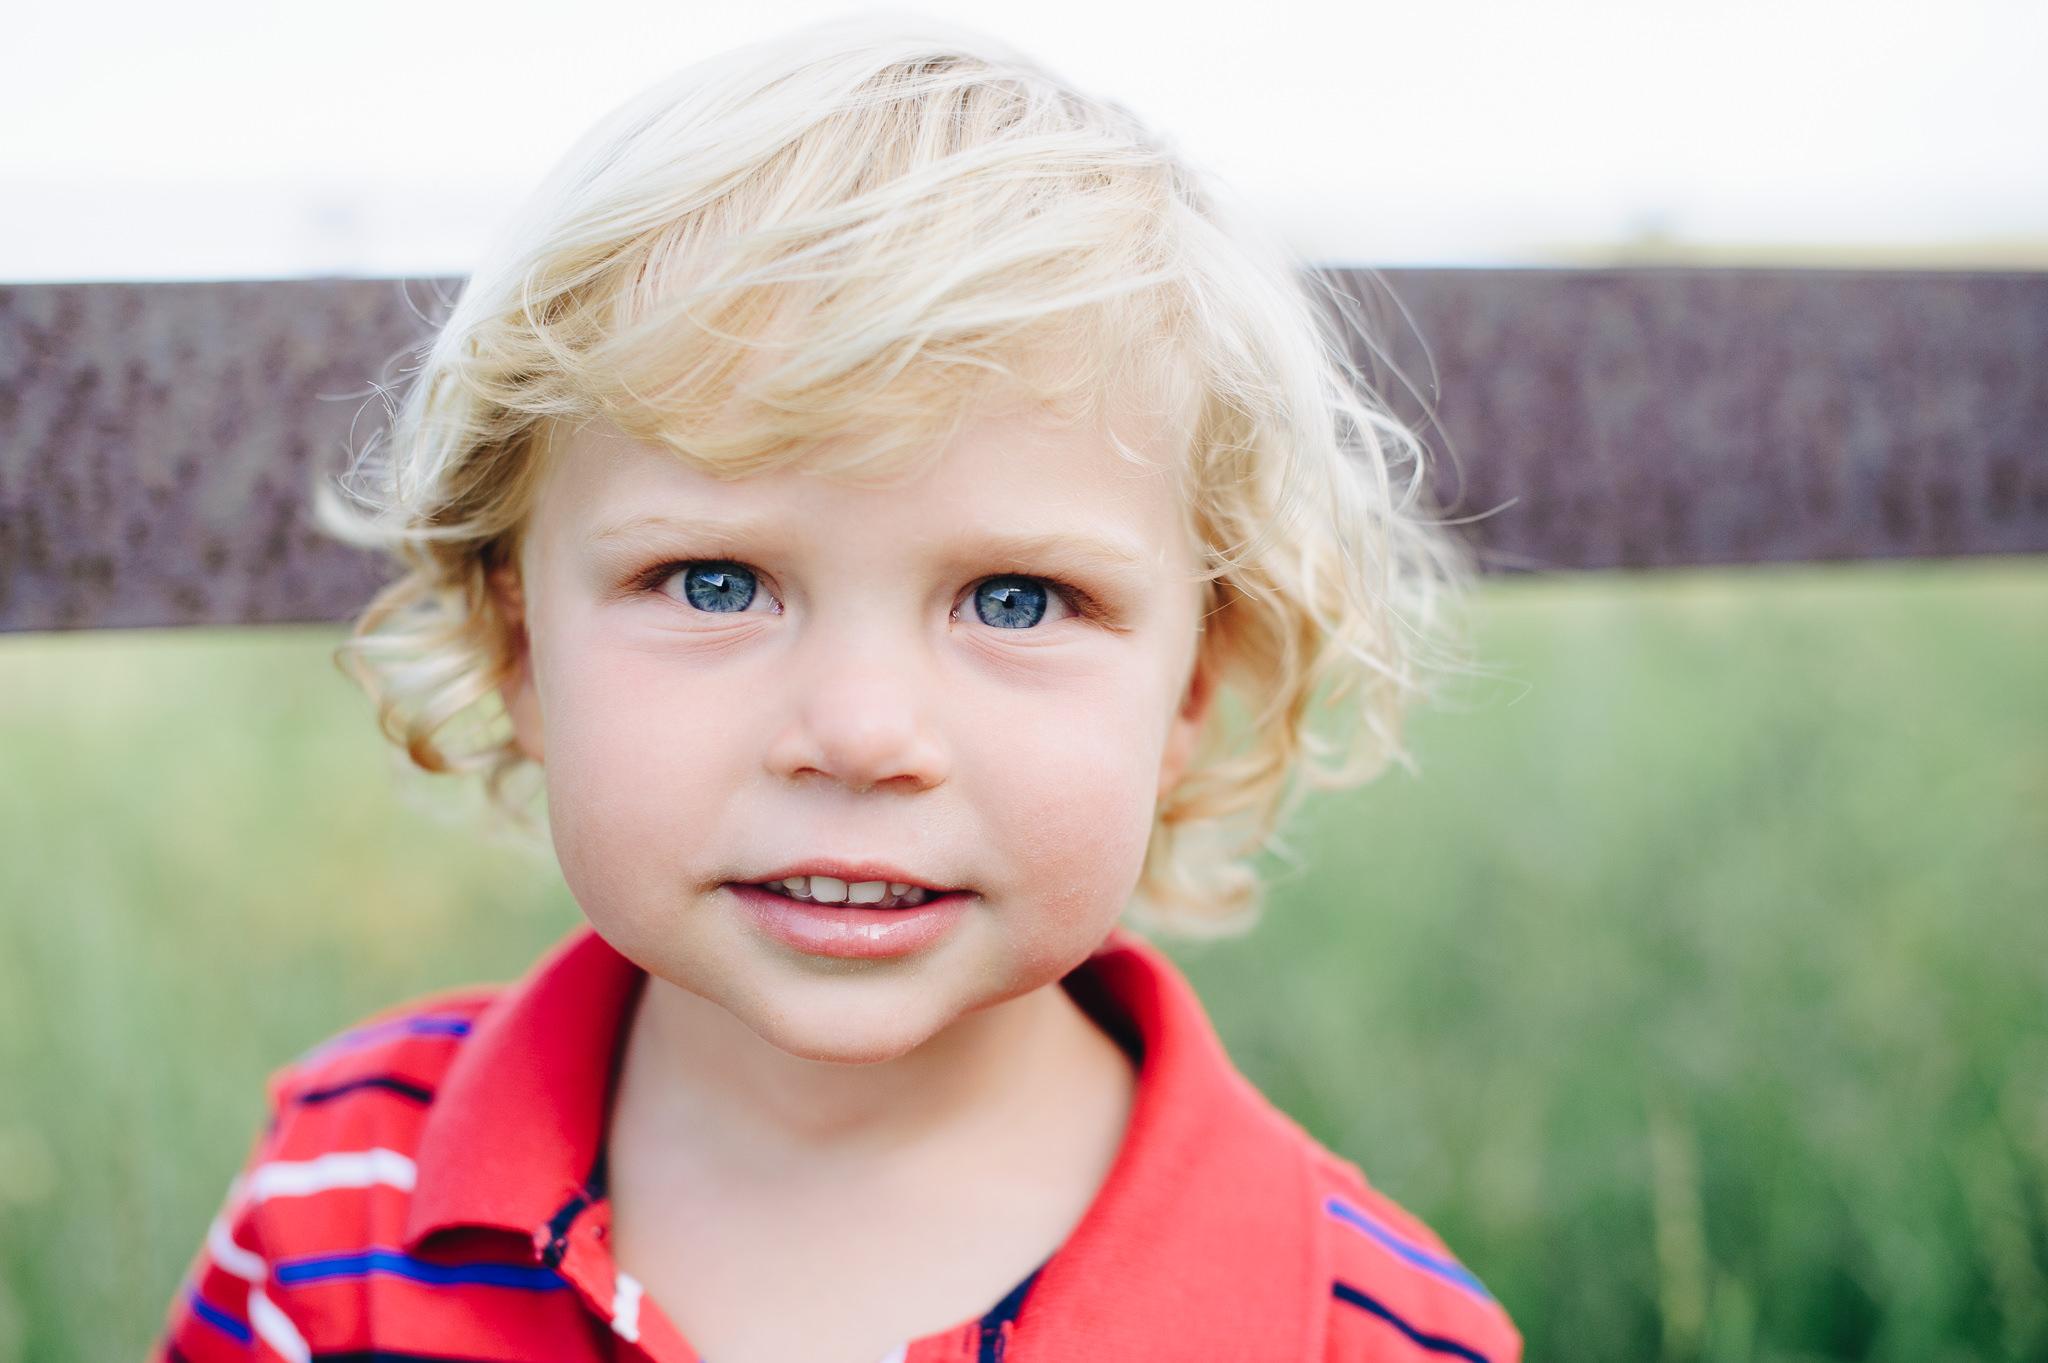 Park City Utah Family Portrait Photographer Trevor Hooper